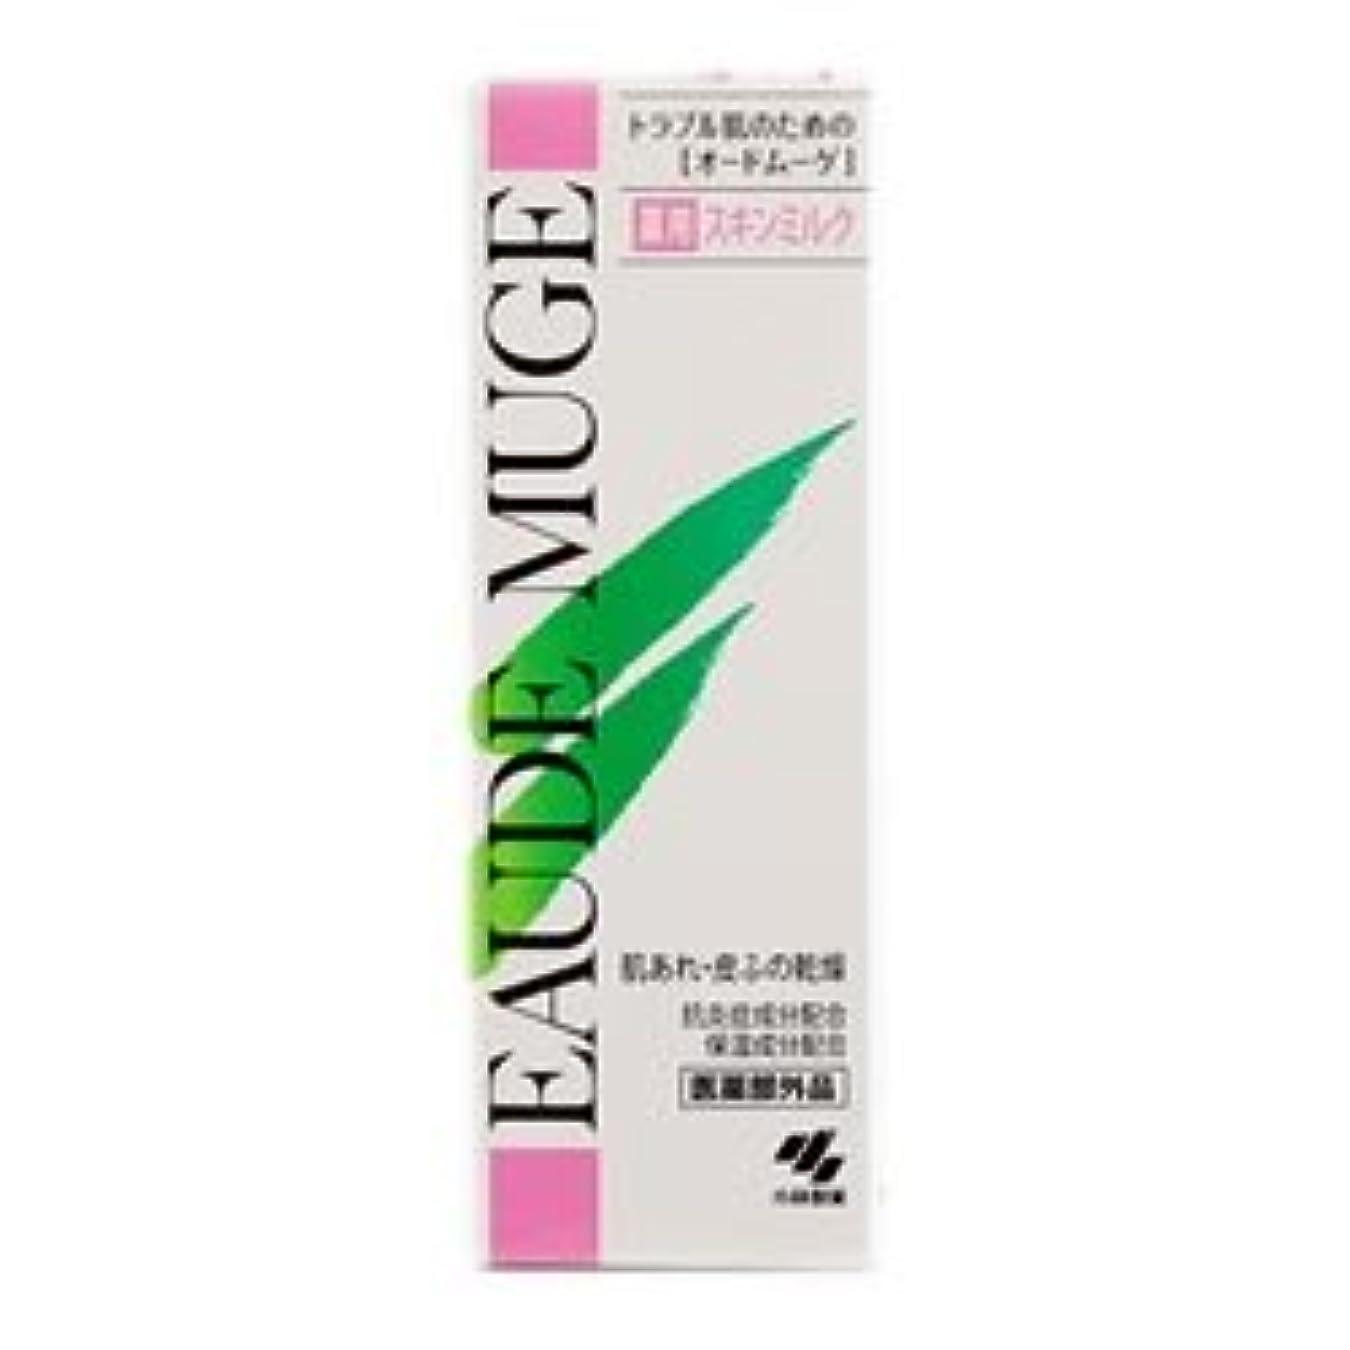 感度ワット省【小林製薬】オードムーゲ薬用スキンミルク 100g ×5個セット